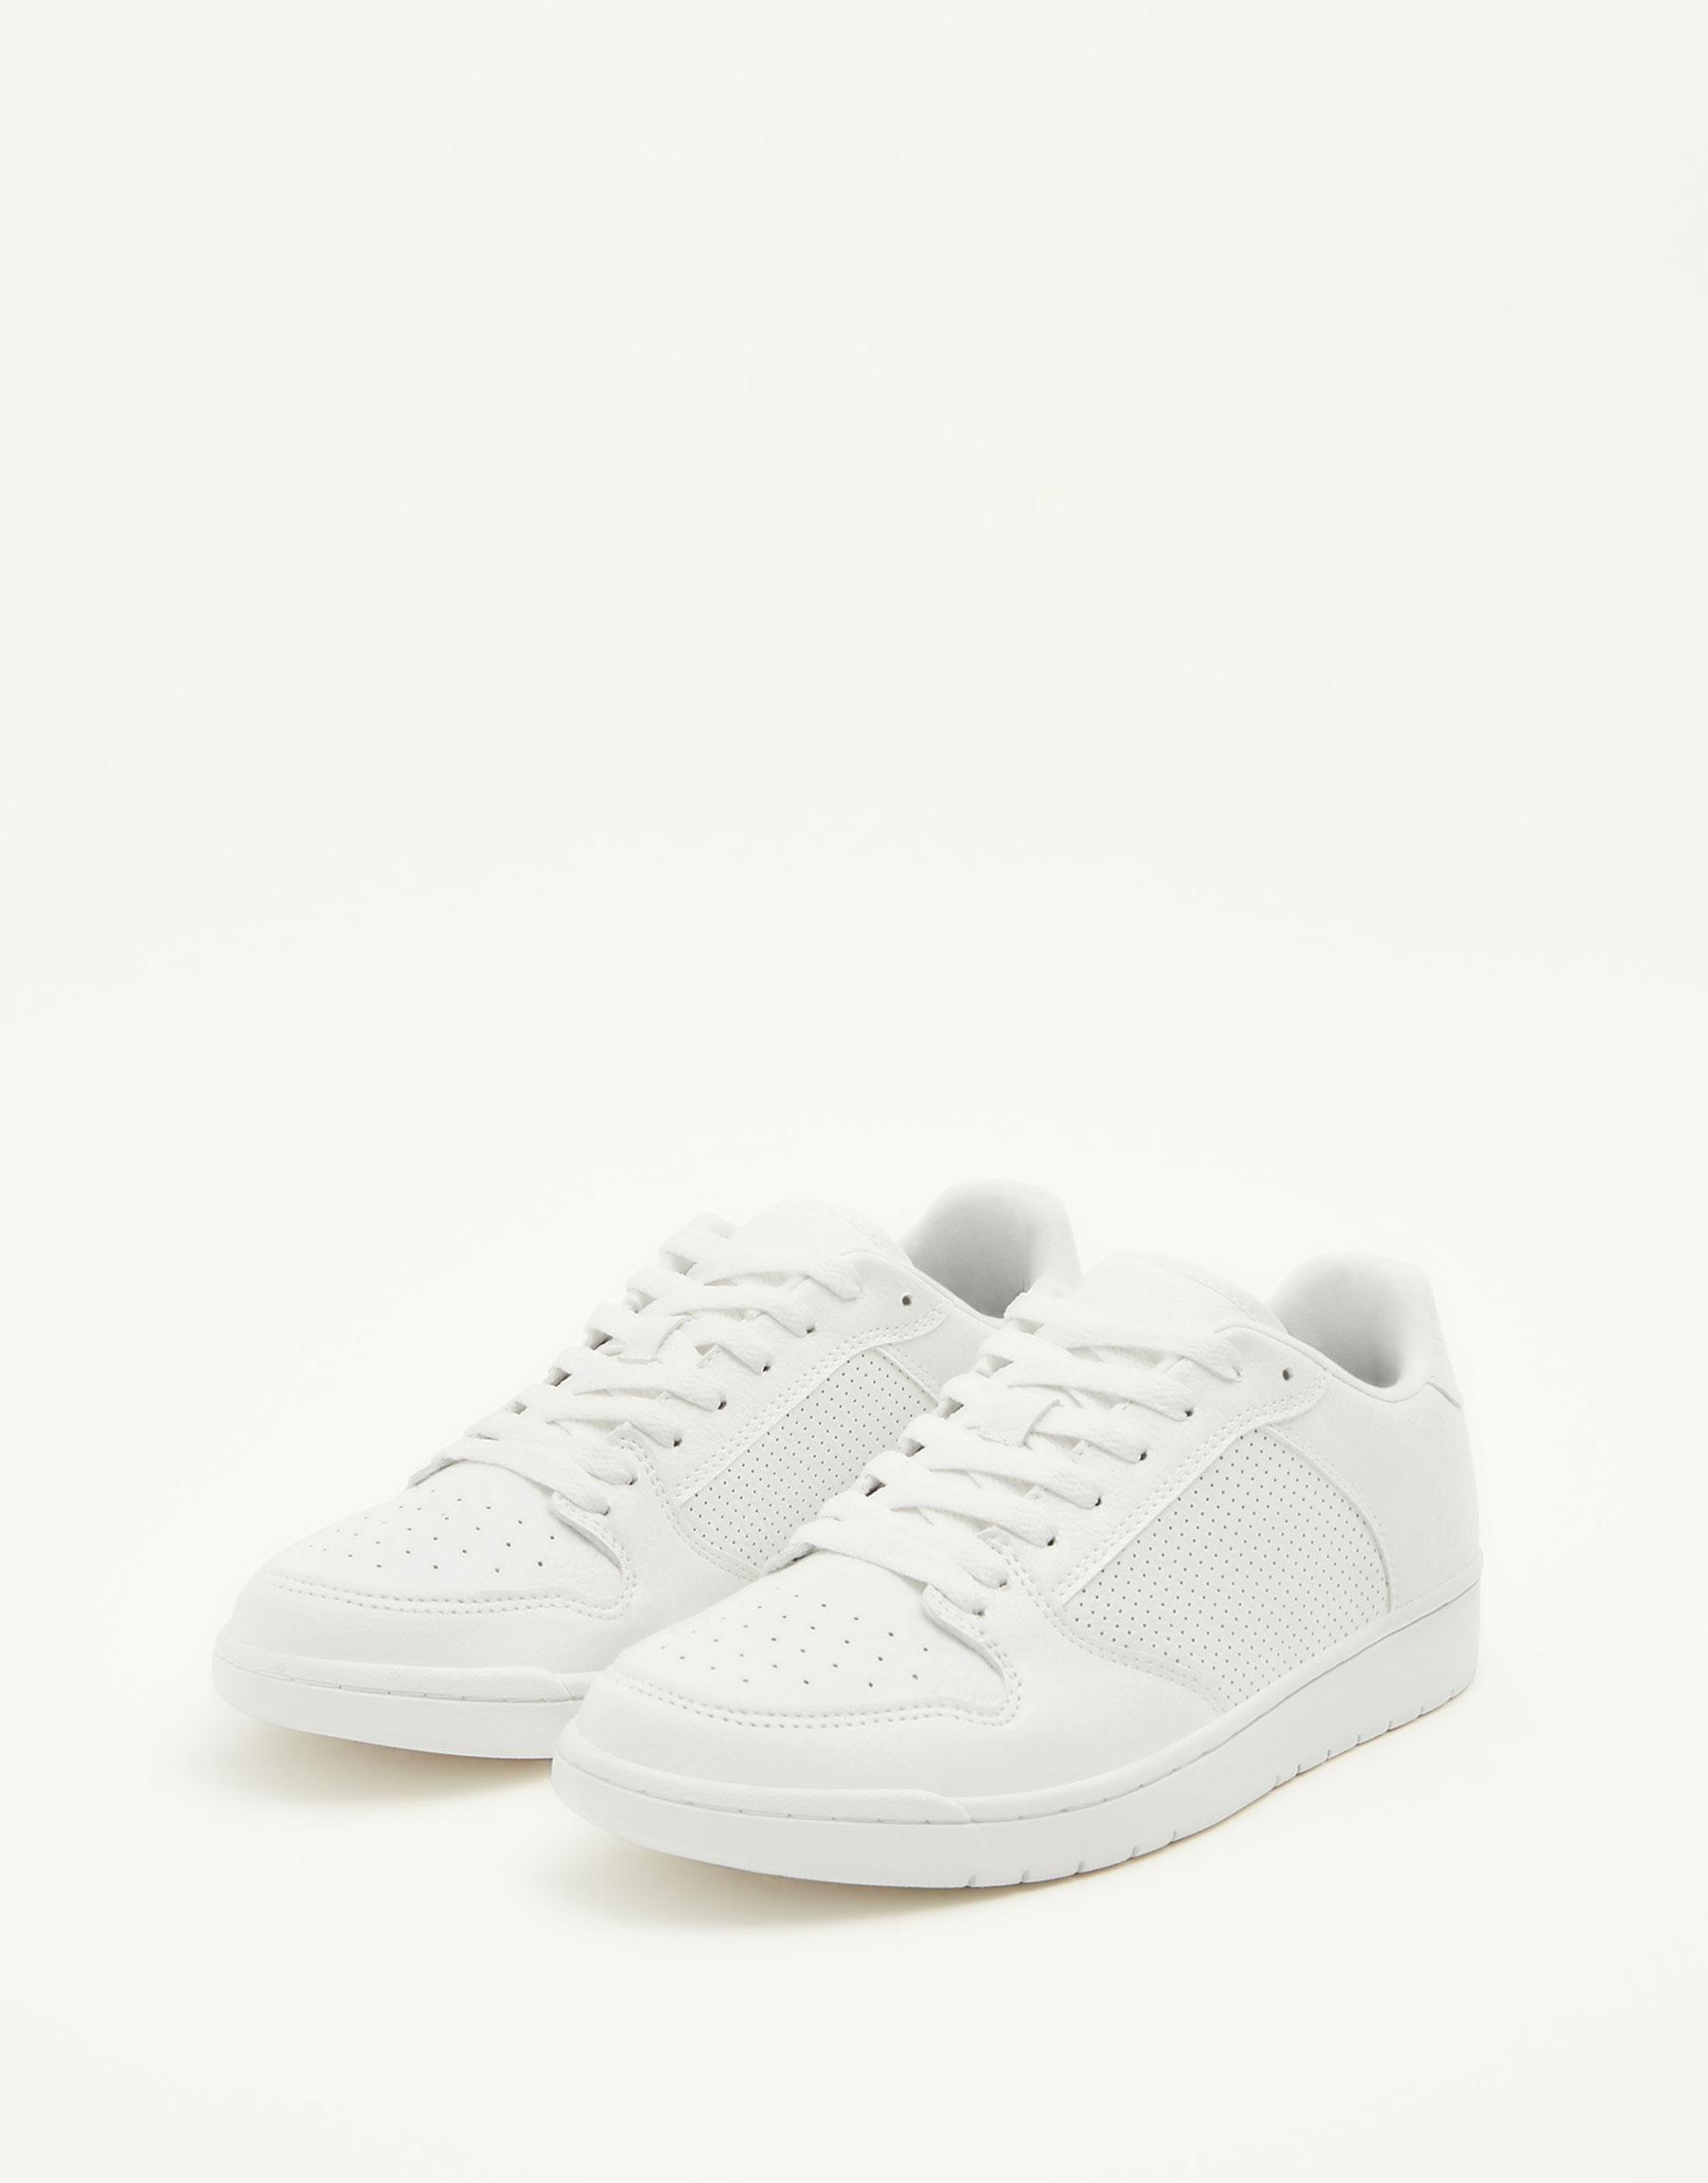 Zapatilla basket retro blanco